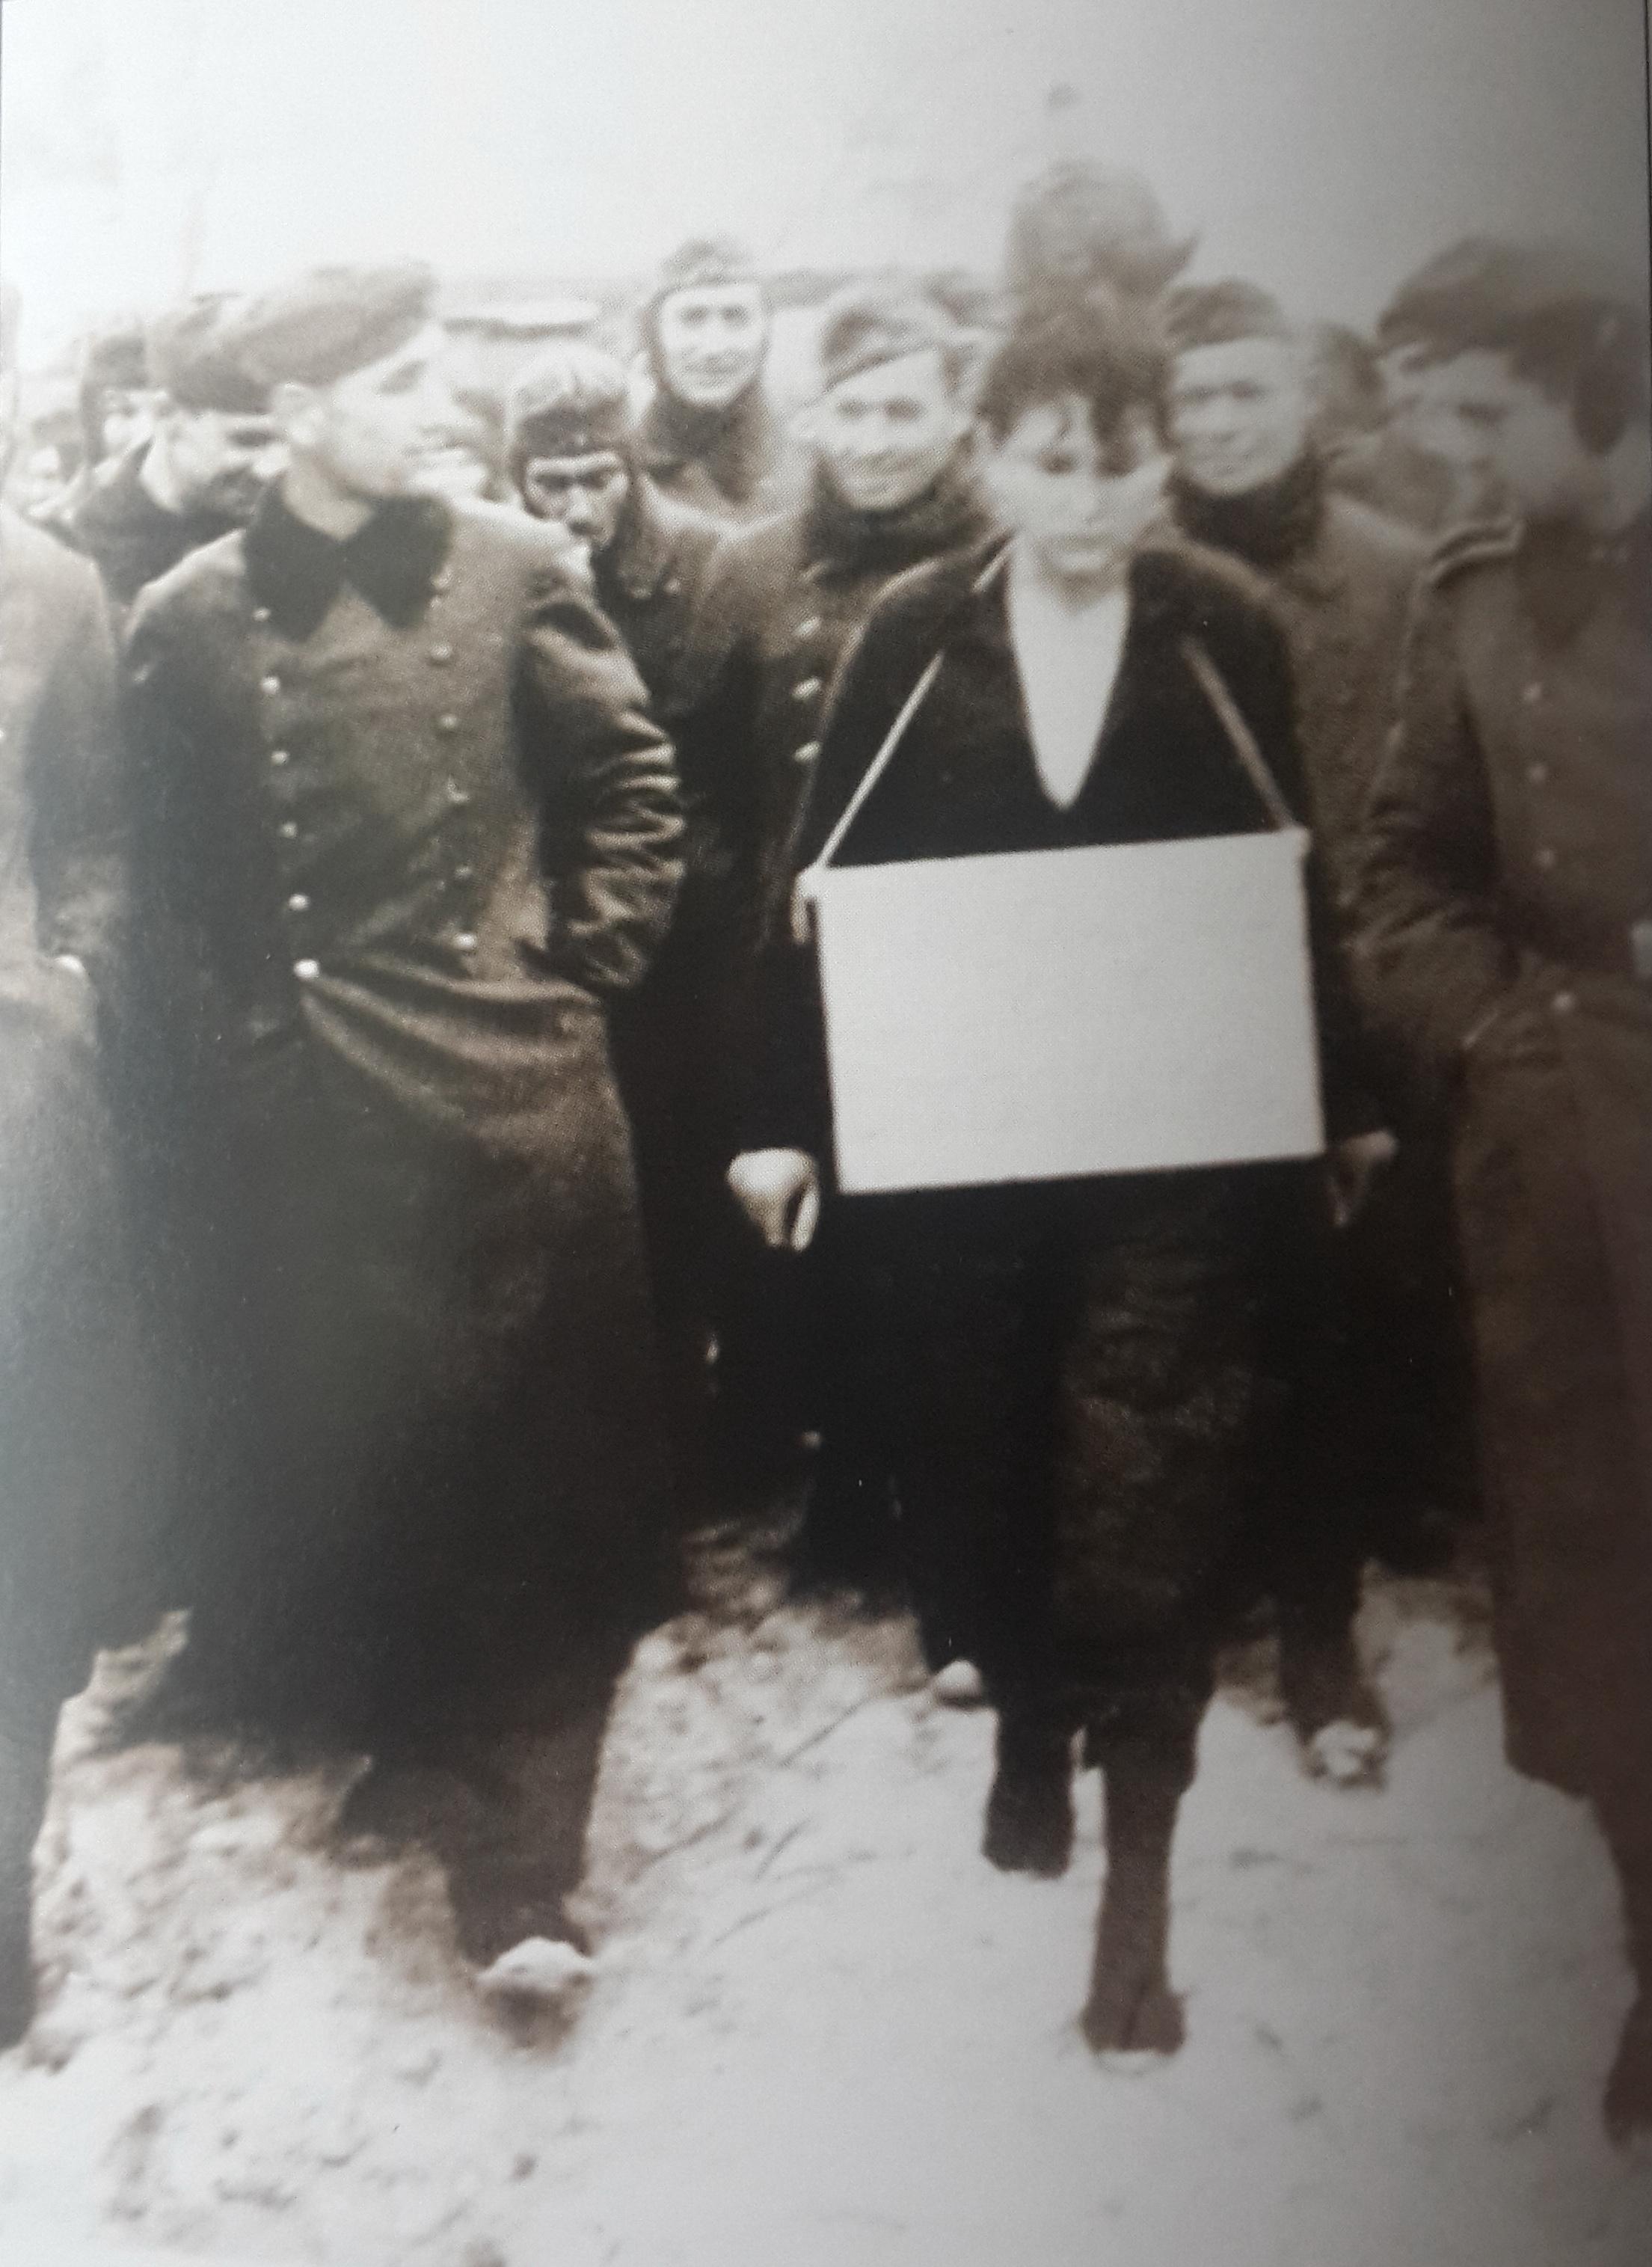 29 ноября 1941 года. Петрищево. Немецкие солдаты ведут на казнь Зою Космодемьянскую.